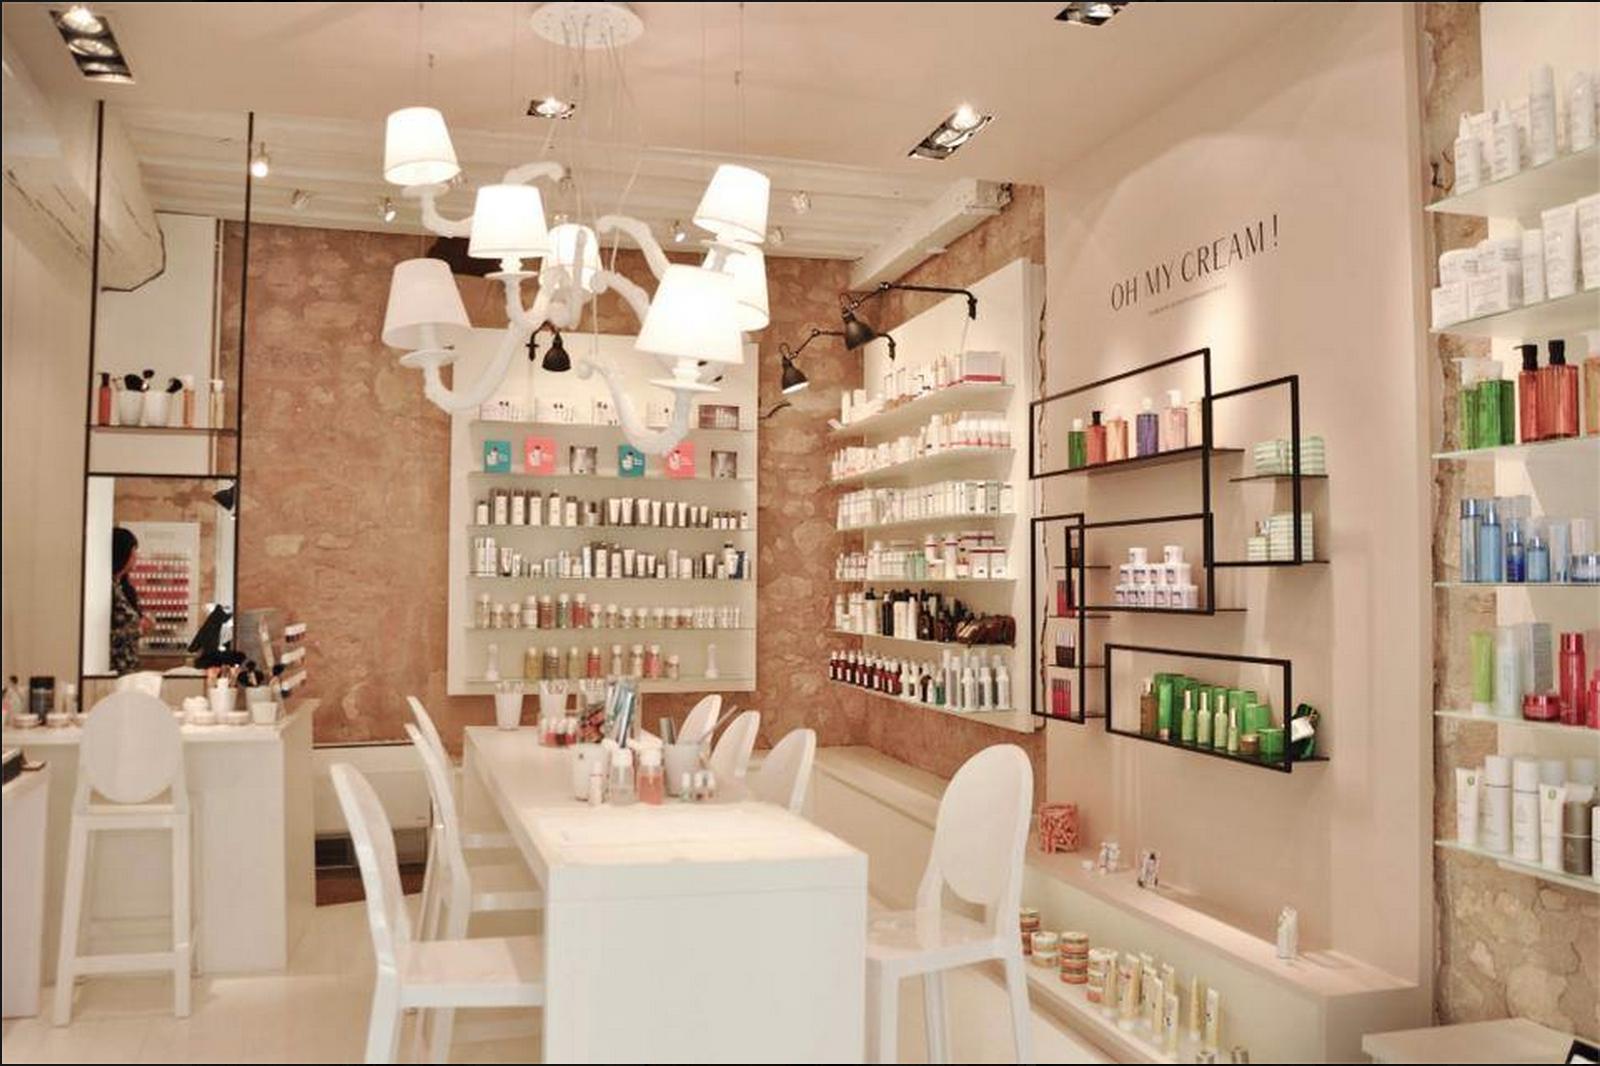 Oh My Cream !, le concept-store beauté qui a tout compris